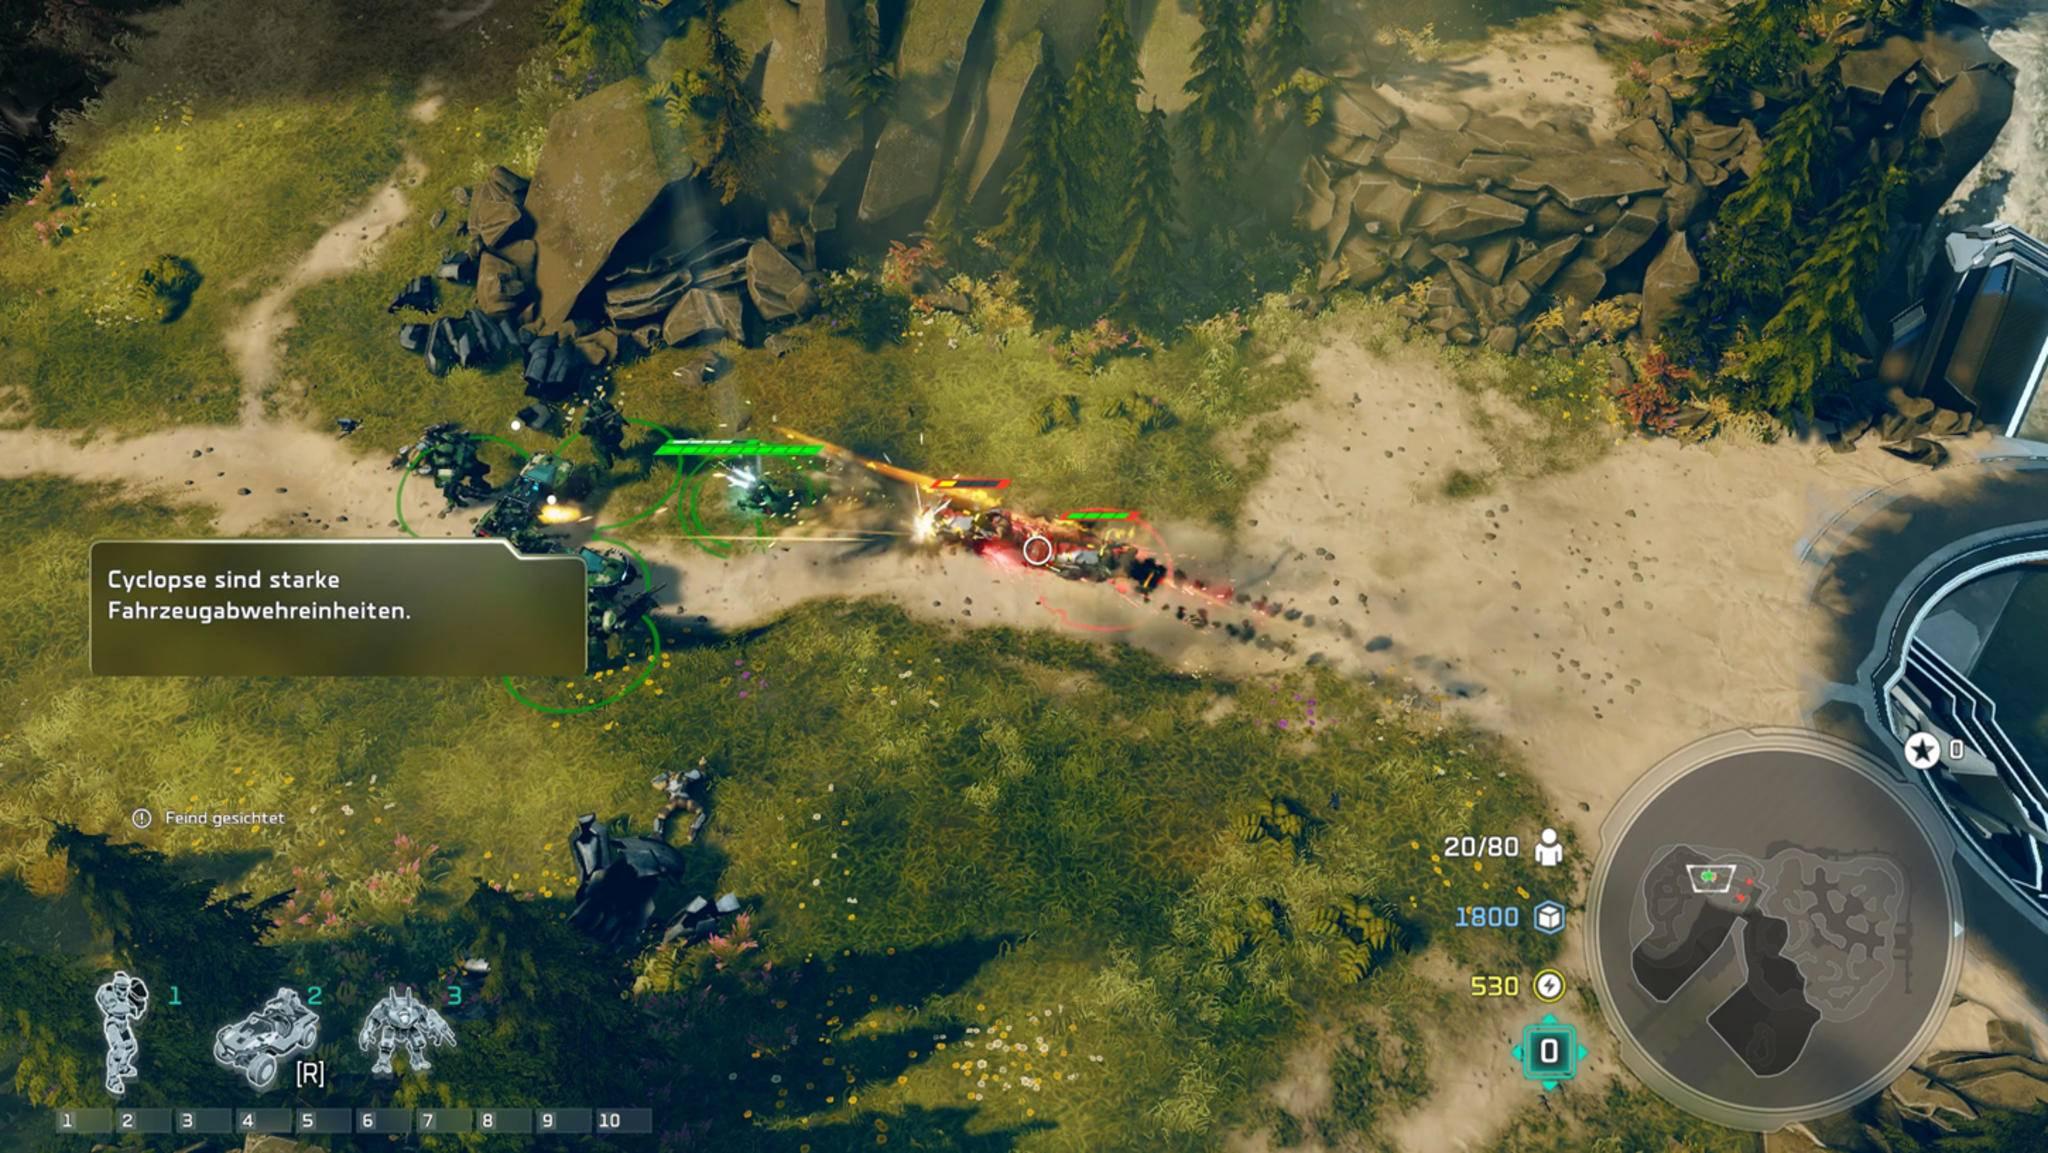 Halo Wars 2 - Videos verraten Details